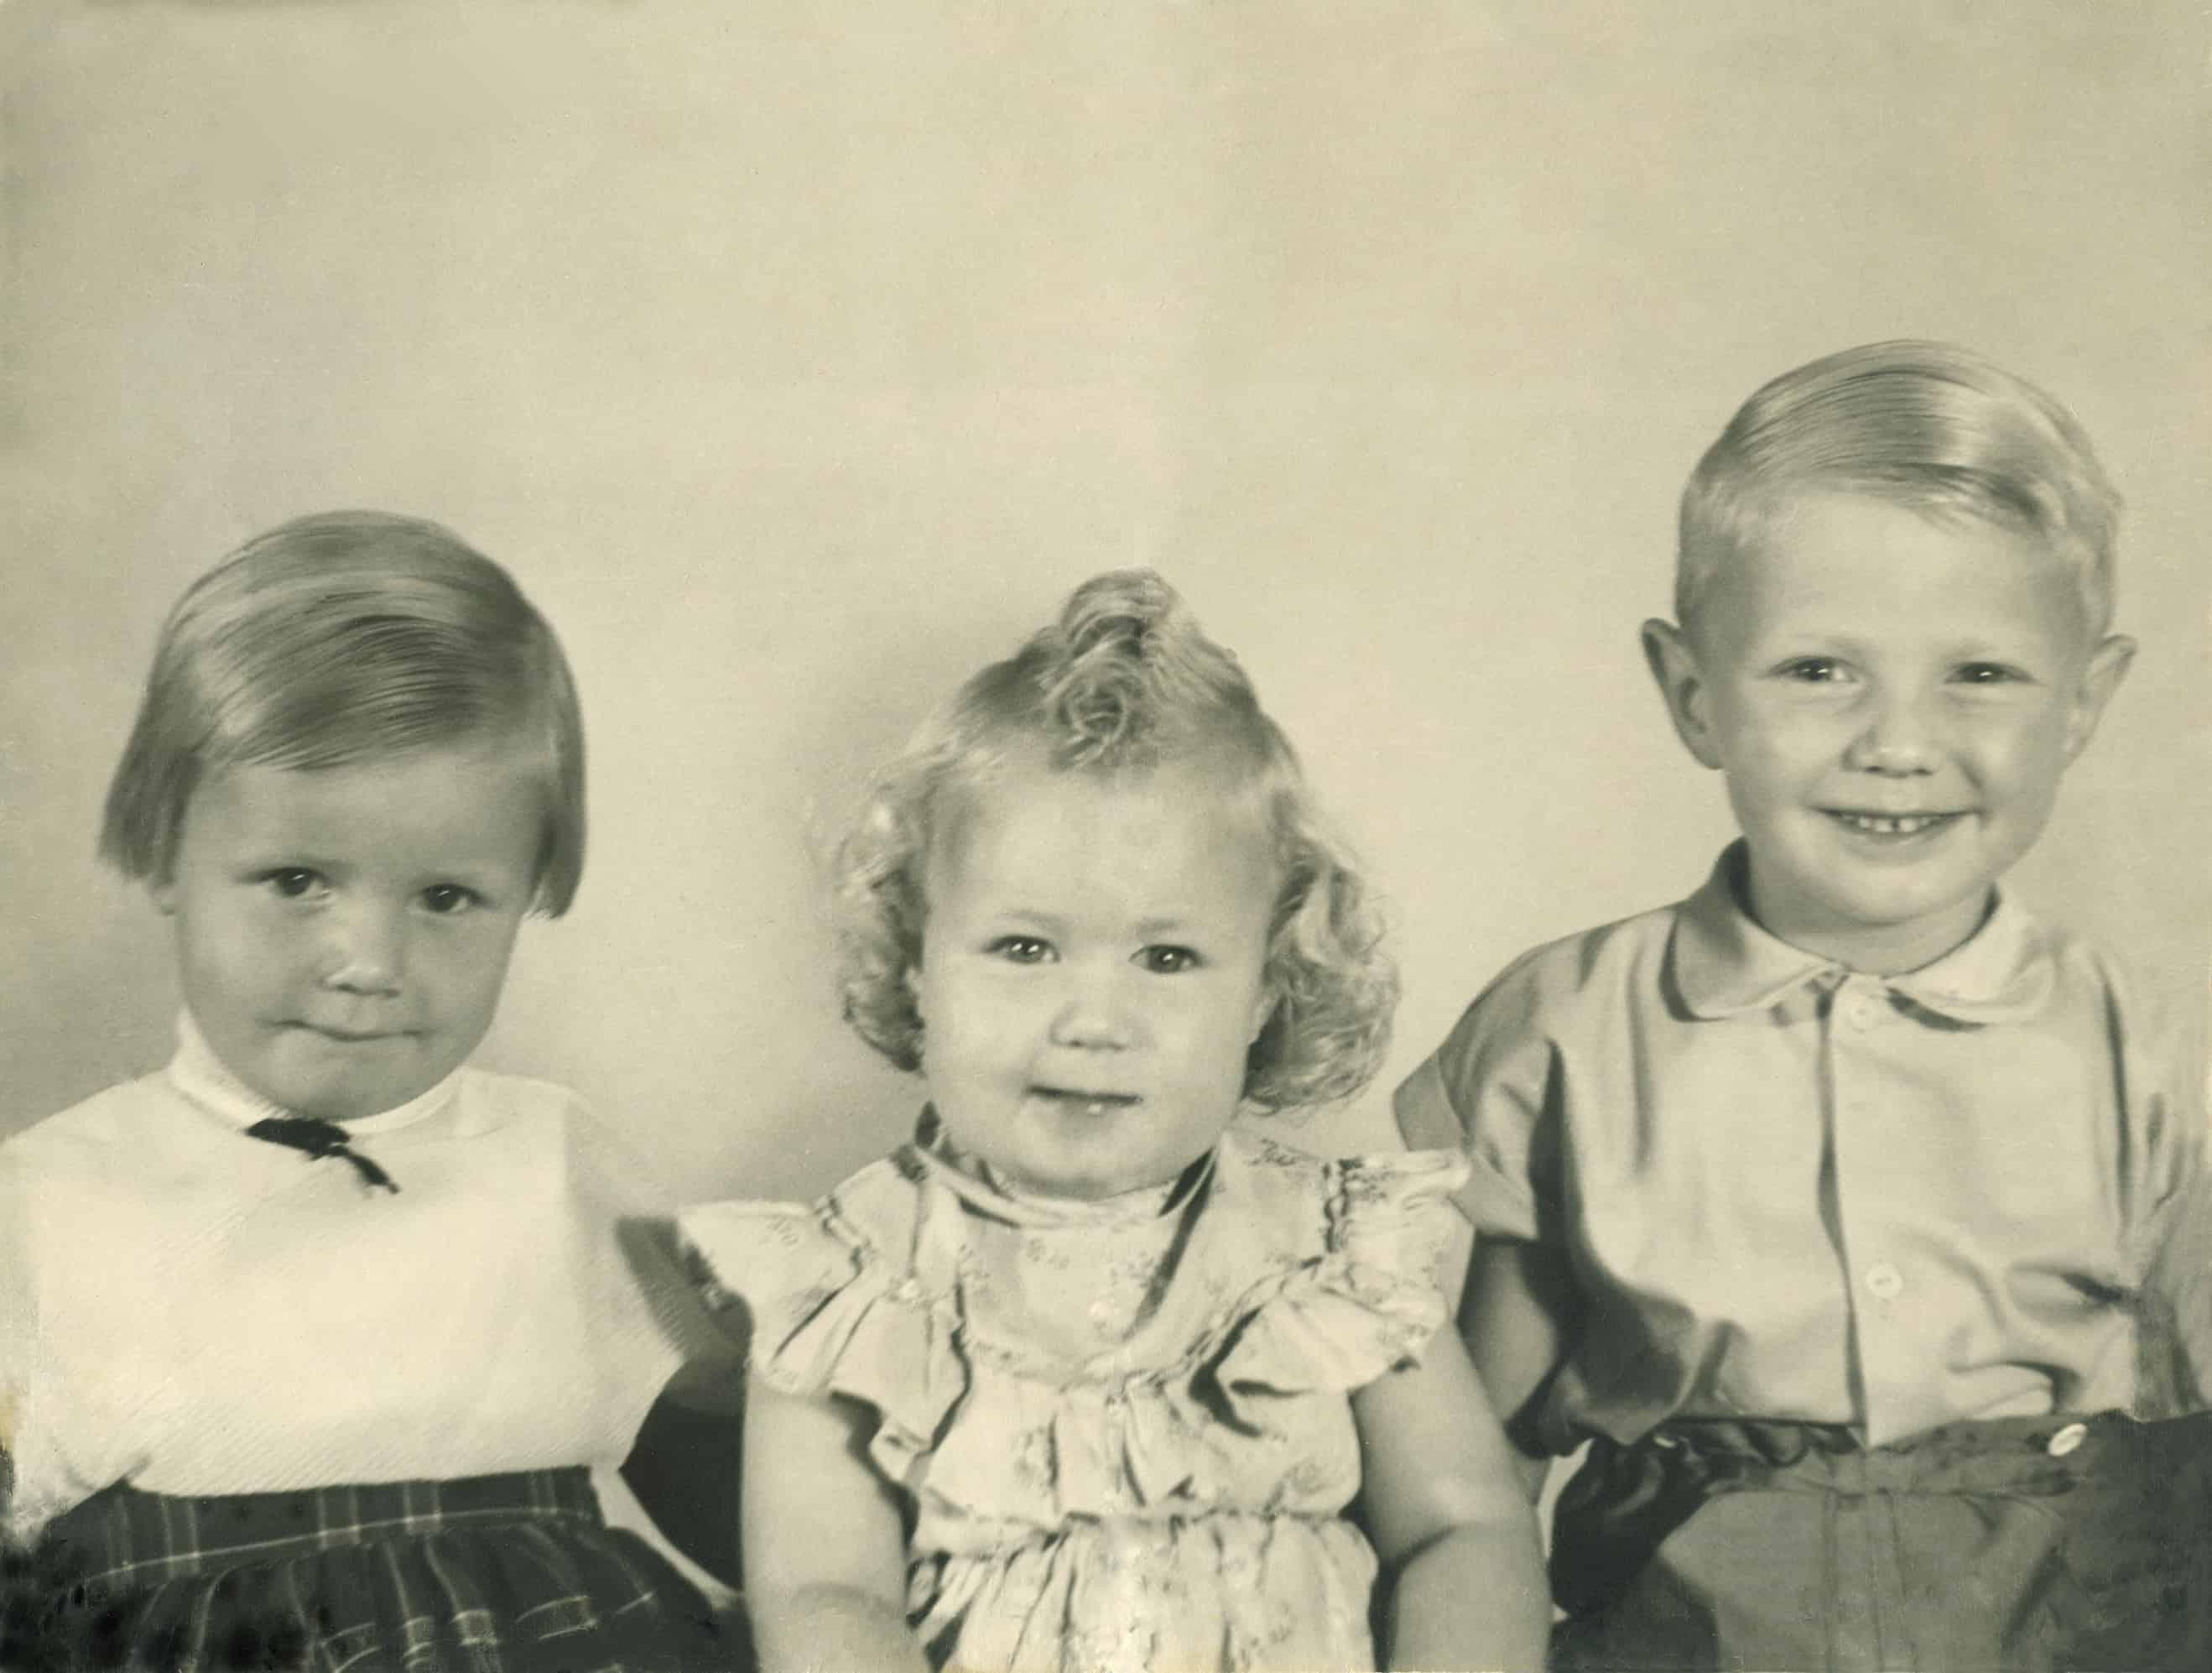 De oude foto van drie kinderen en doormidden was is hier gerepareerd.